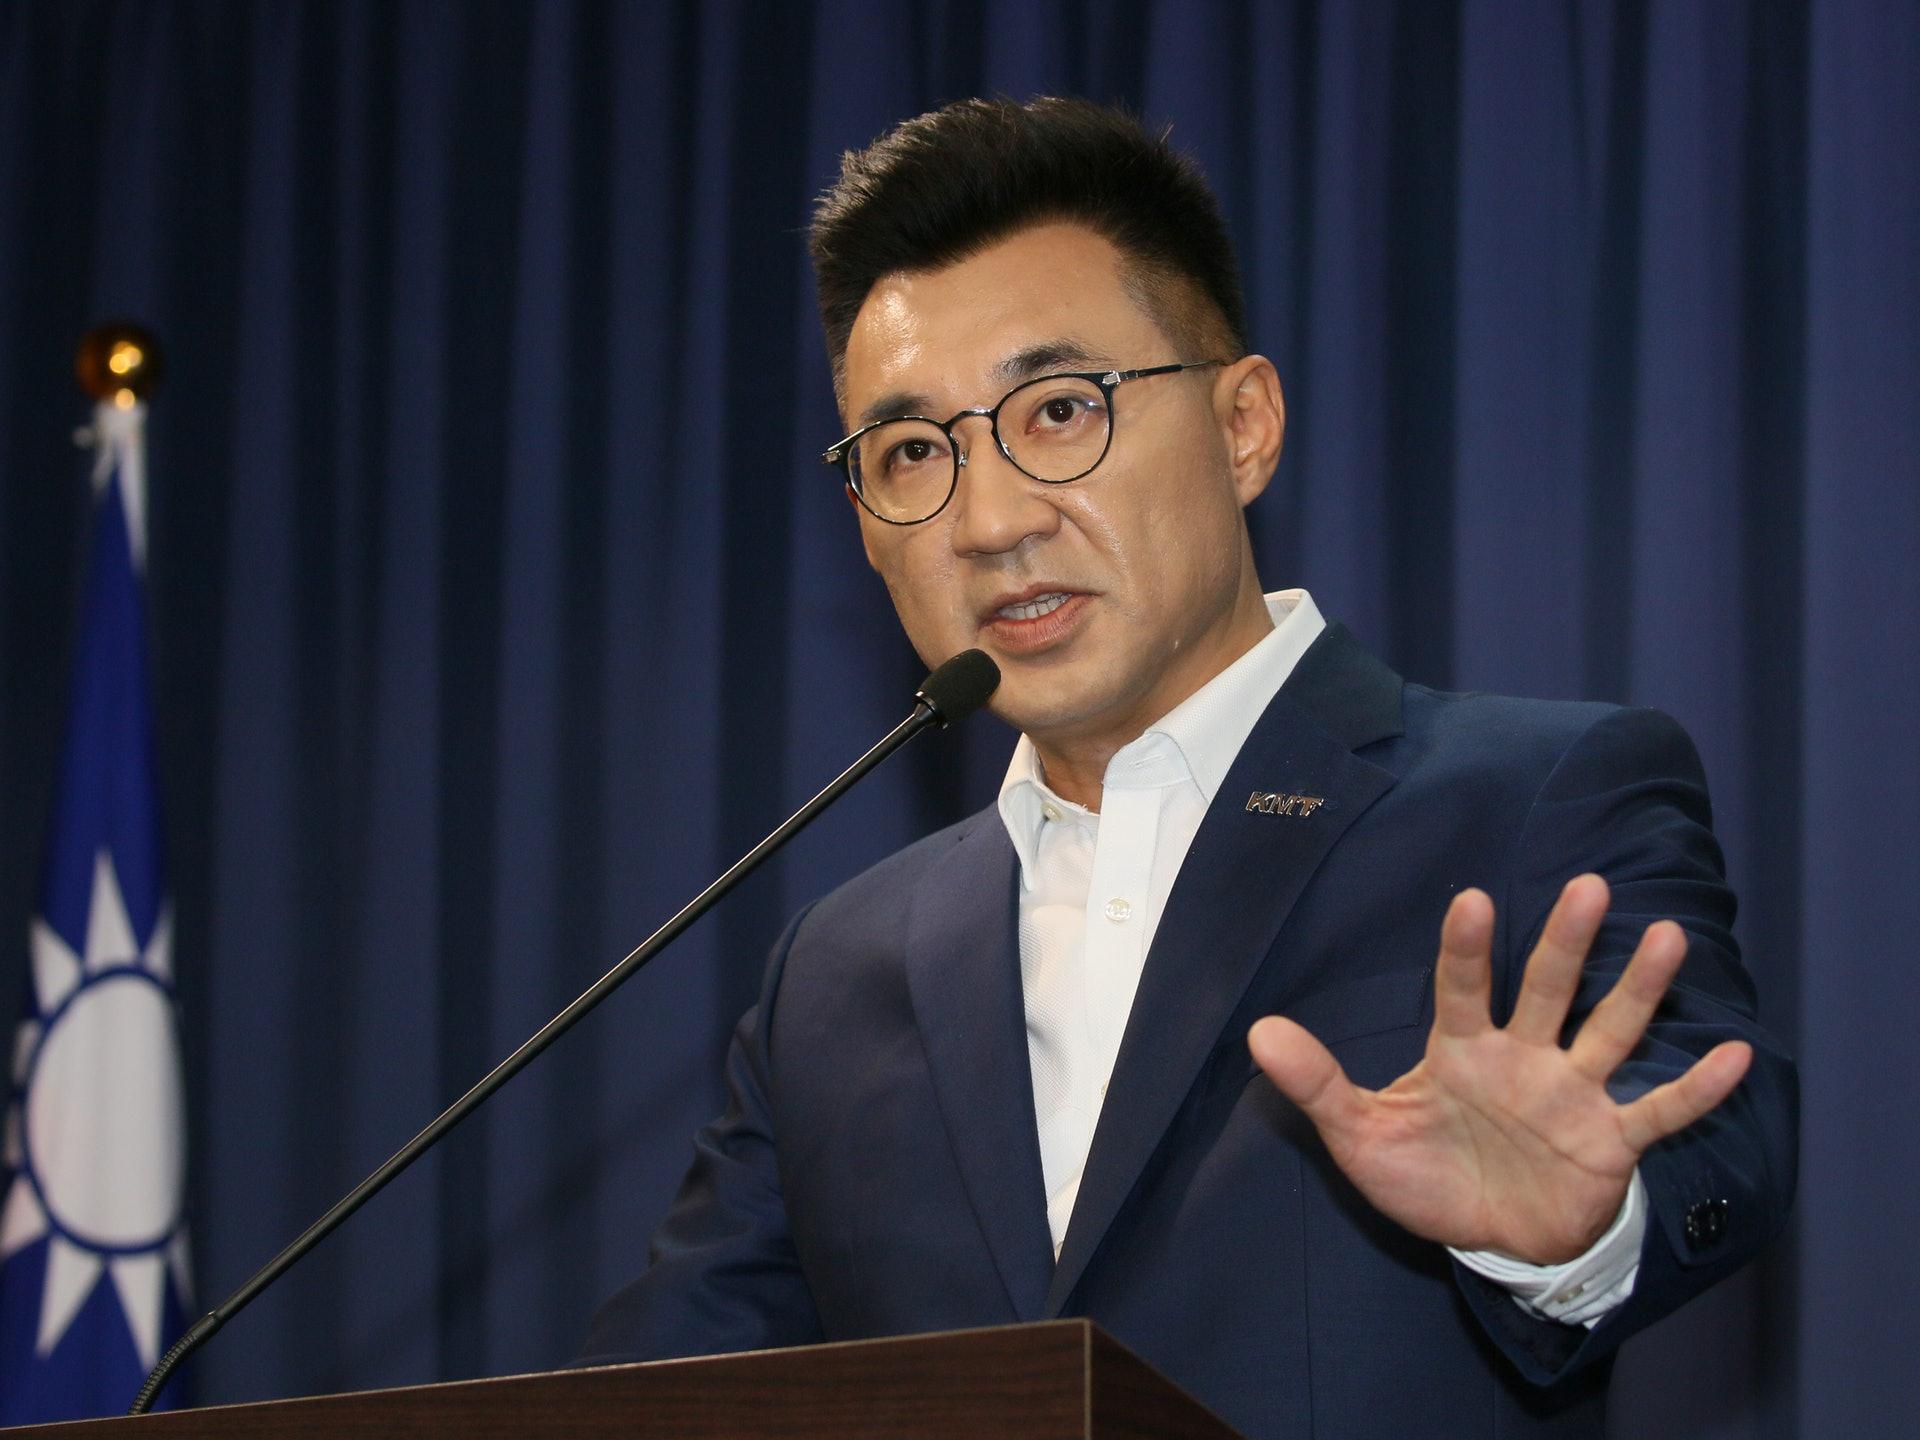 快讯!江启臣当选中国台湾国民党主席(组图)